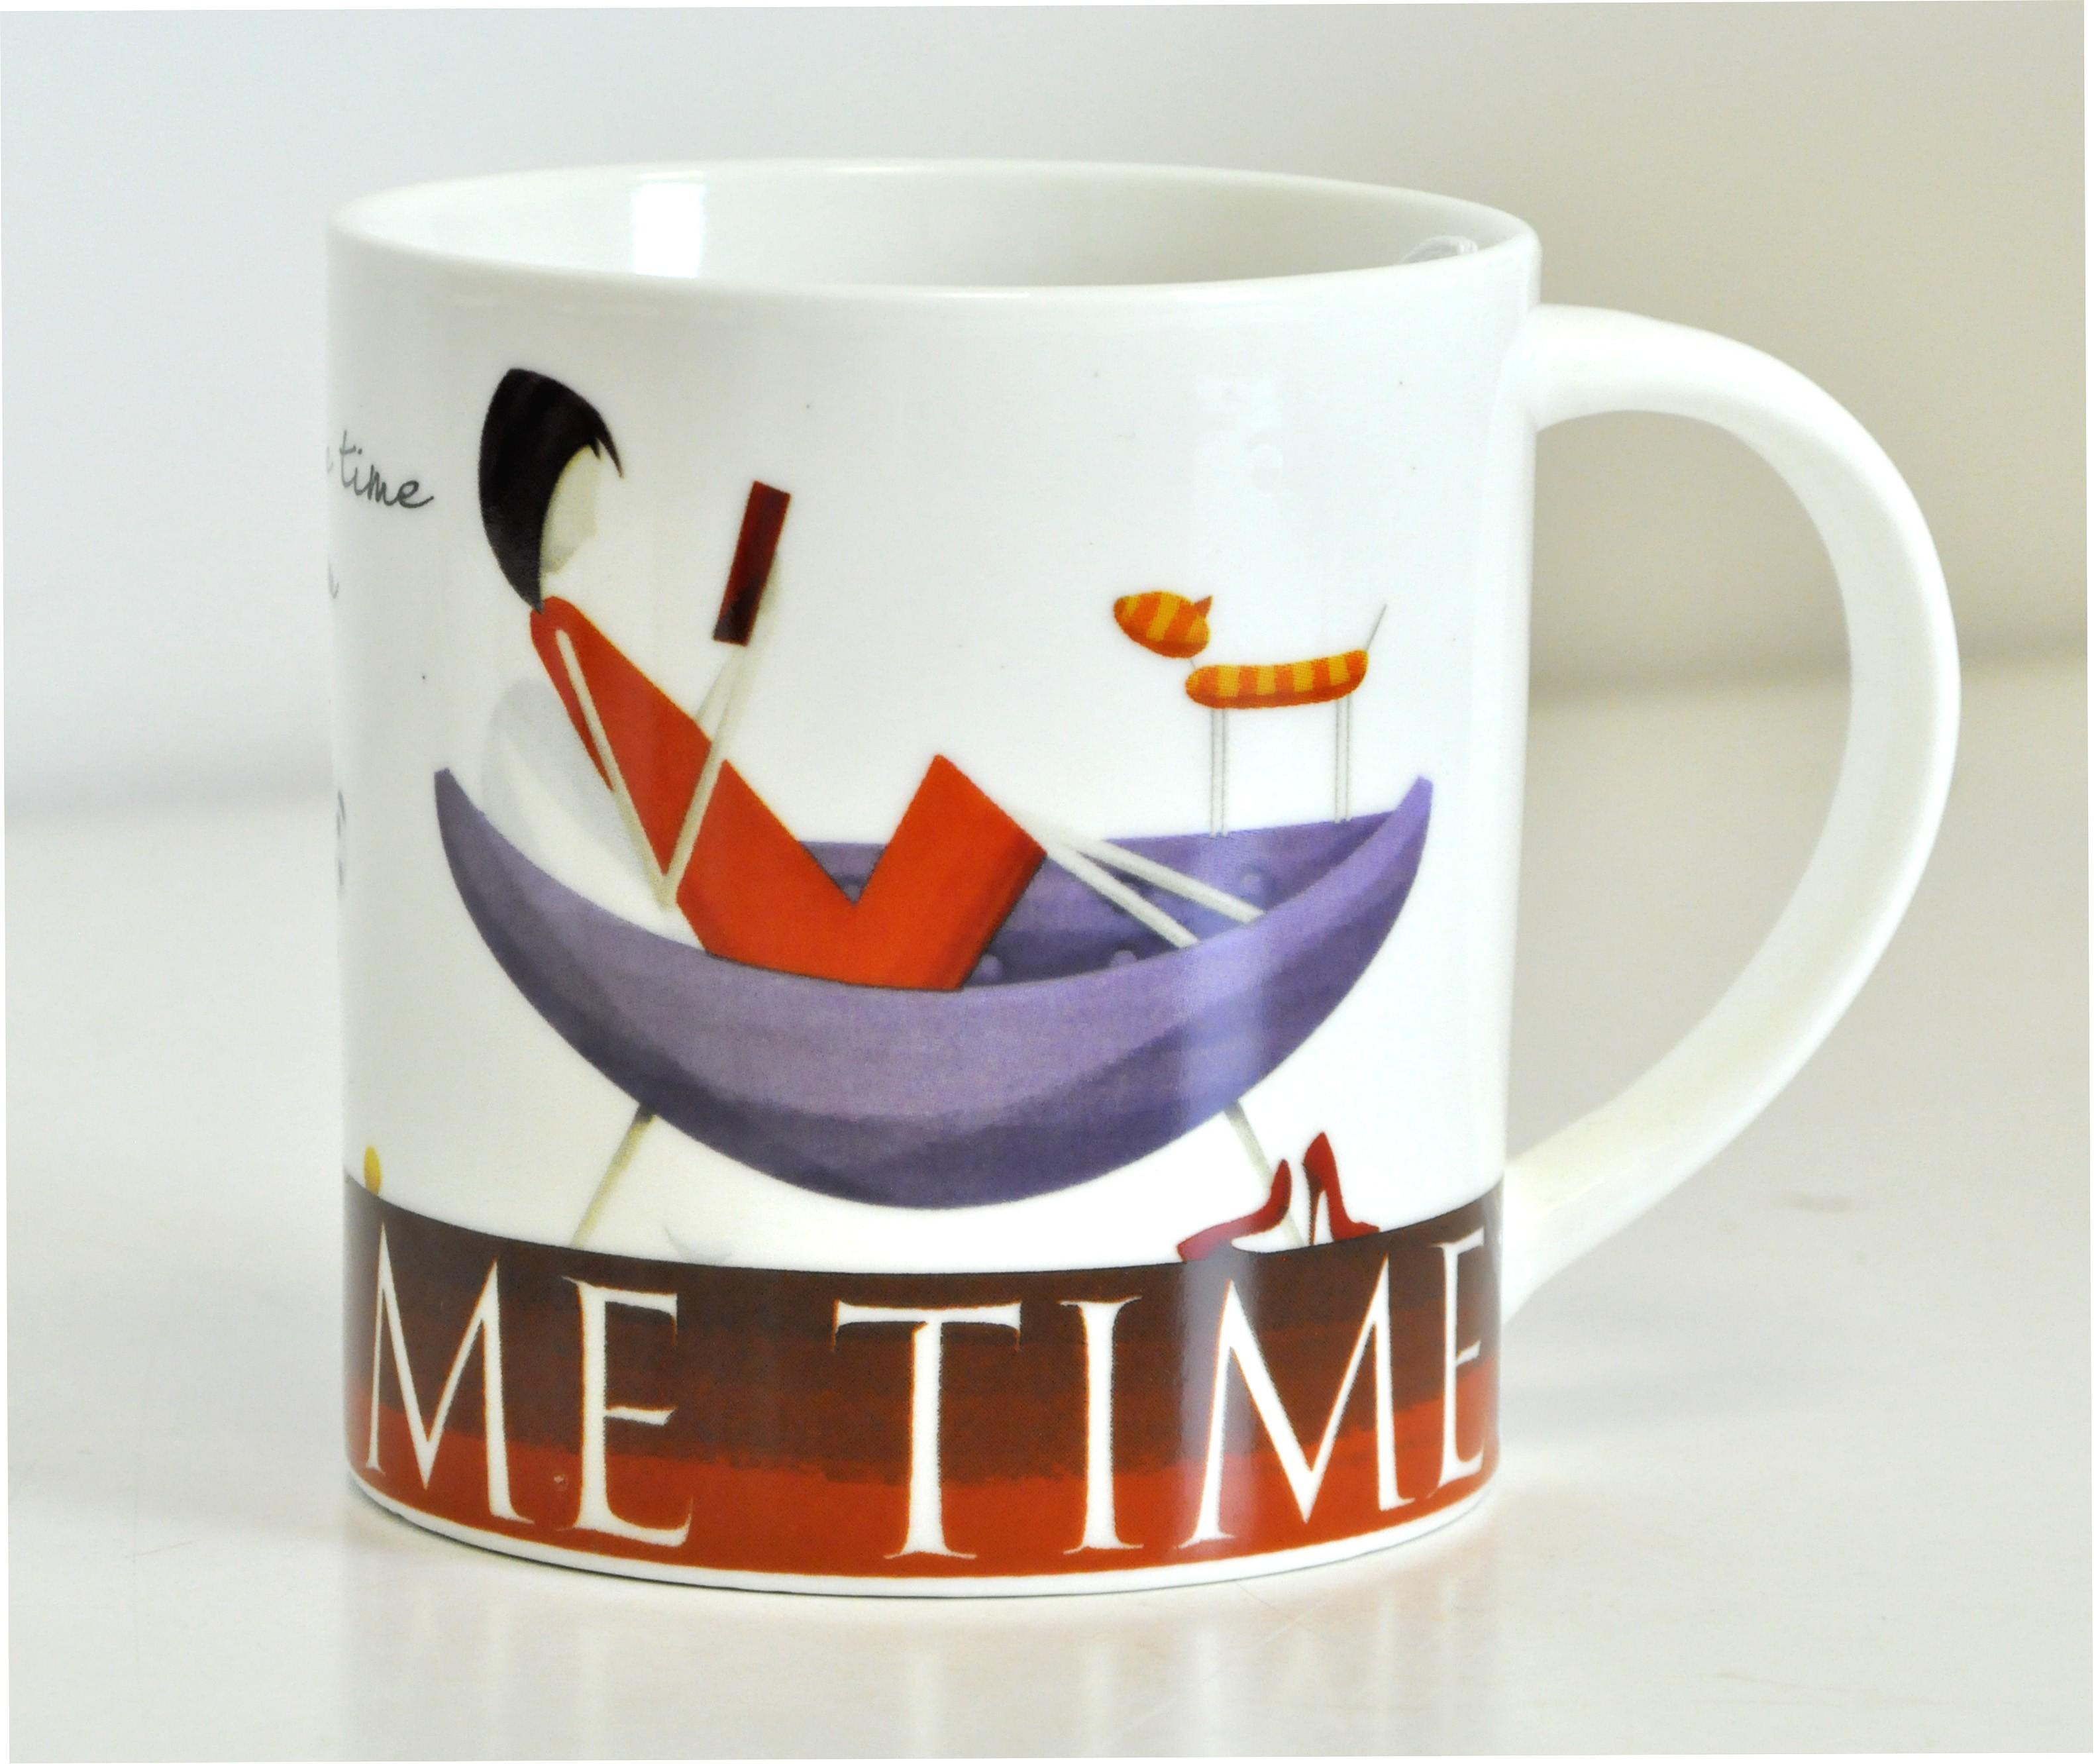 Me Time Mug